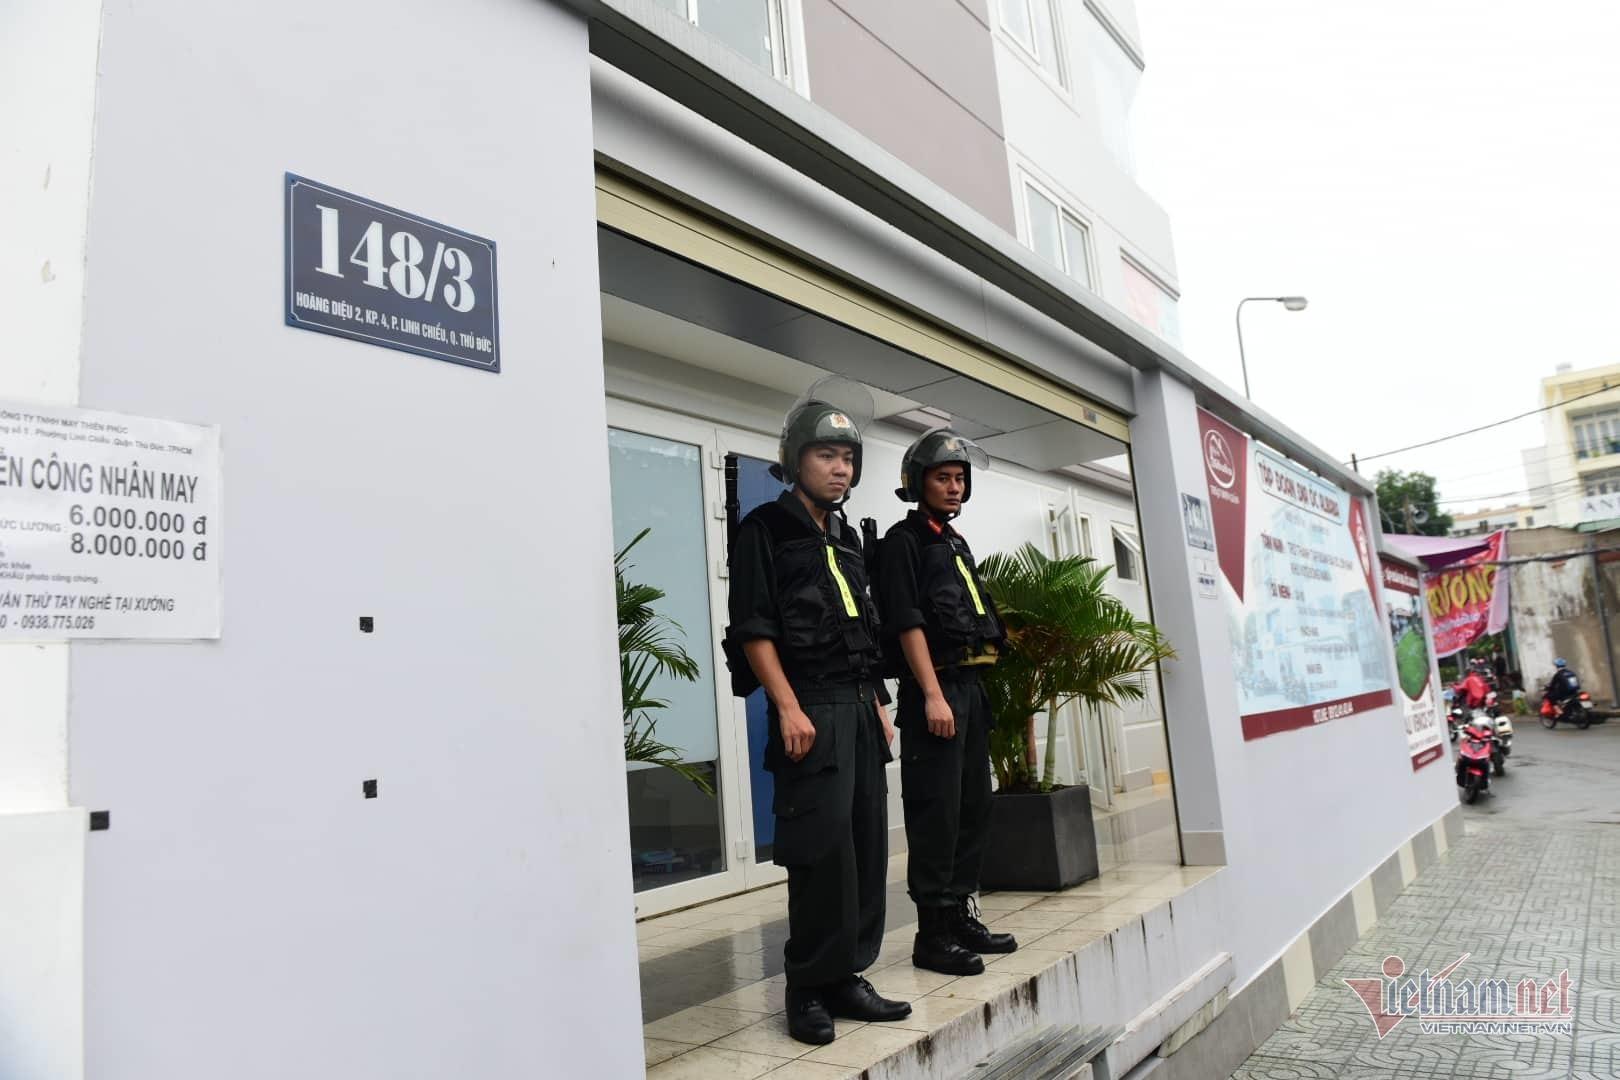 Địa ốc Alibaba,Nguyễn Thái Luyện,lừa đảo,Công ty địa ốc Alibaba,chiếm đoạt tài sản